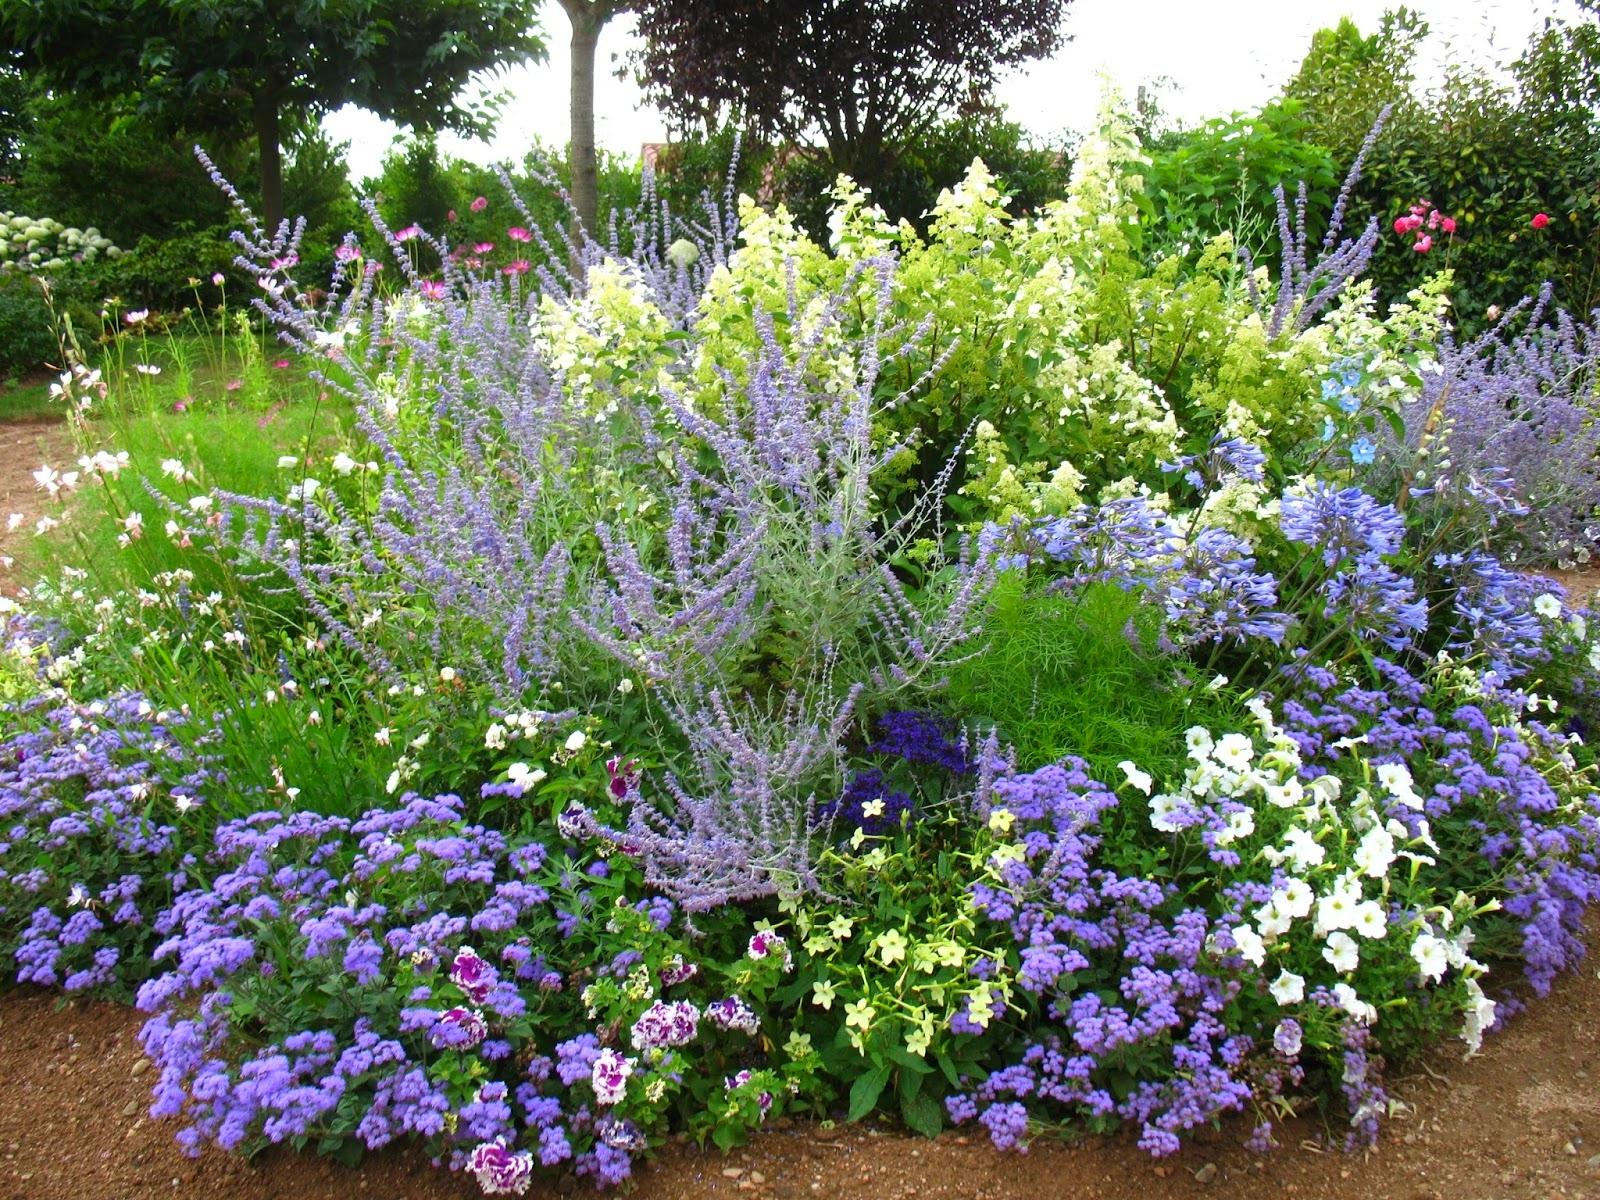 Avoir Un Jardin Fleuri Toute L'année (Sans Connaissance) avec Comment Realiser Un Jardin